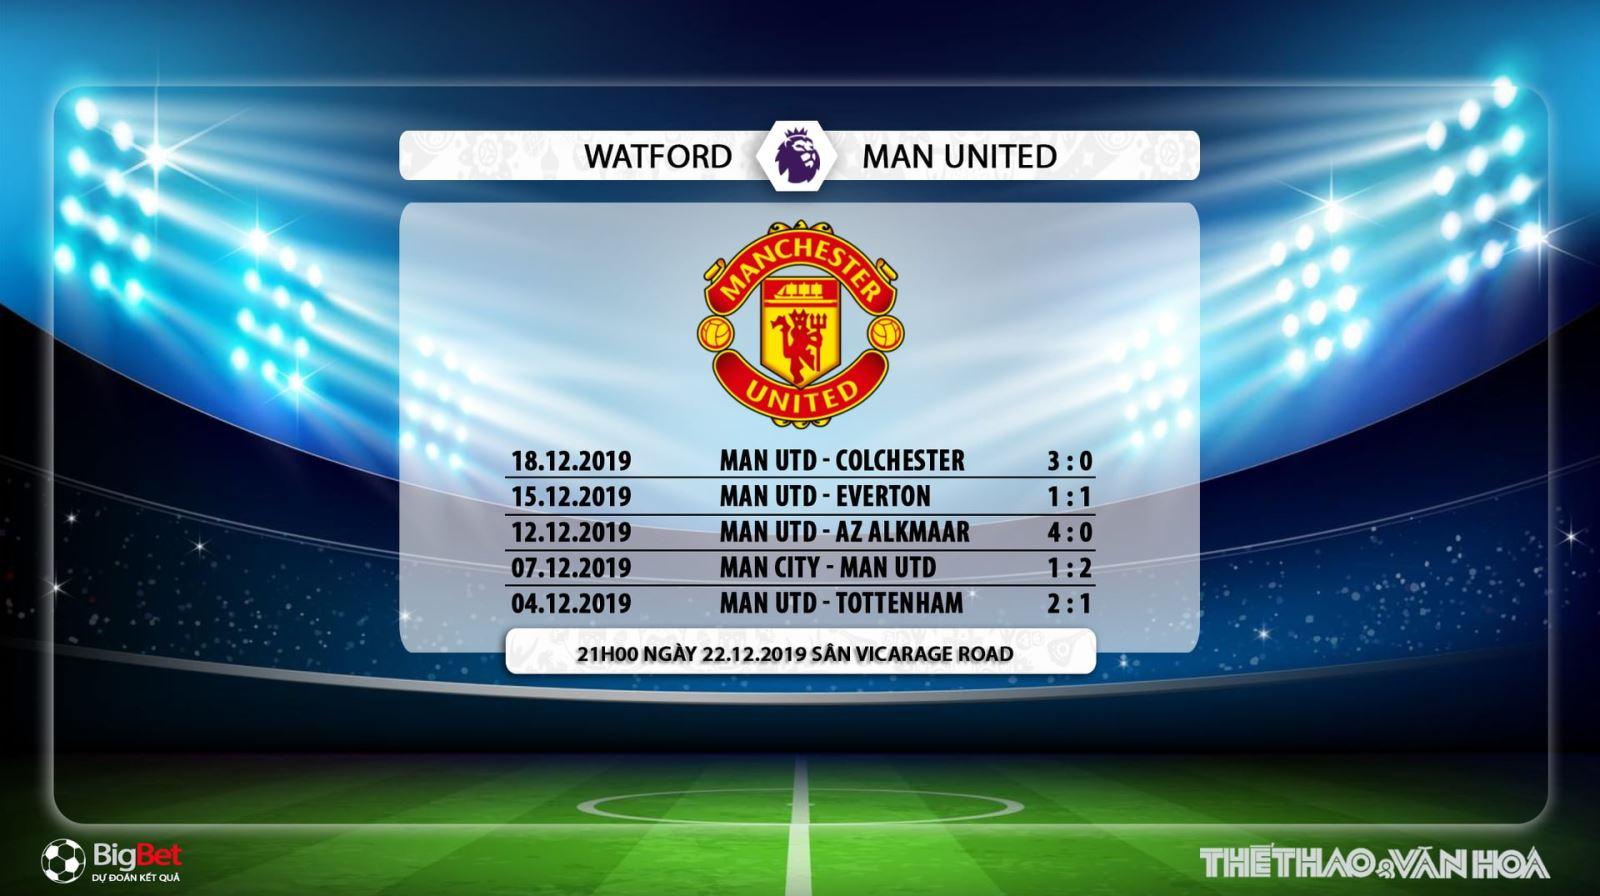 bóng đá, Watford vs MU, MU, Watford, trực tiếp Watford vs MU, trực tiếp bóng đá, dự đoán Watford vs MU, nhận định Watford vs MU, lịch thi đấu mu